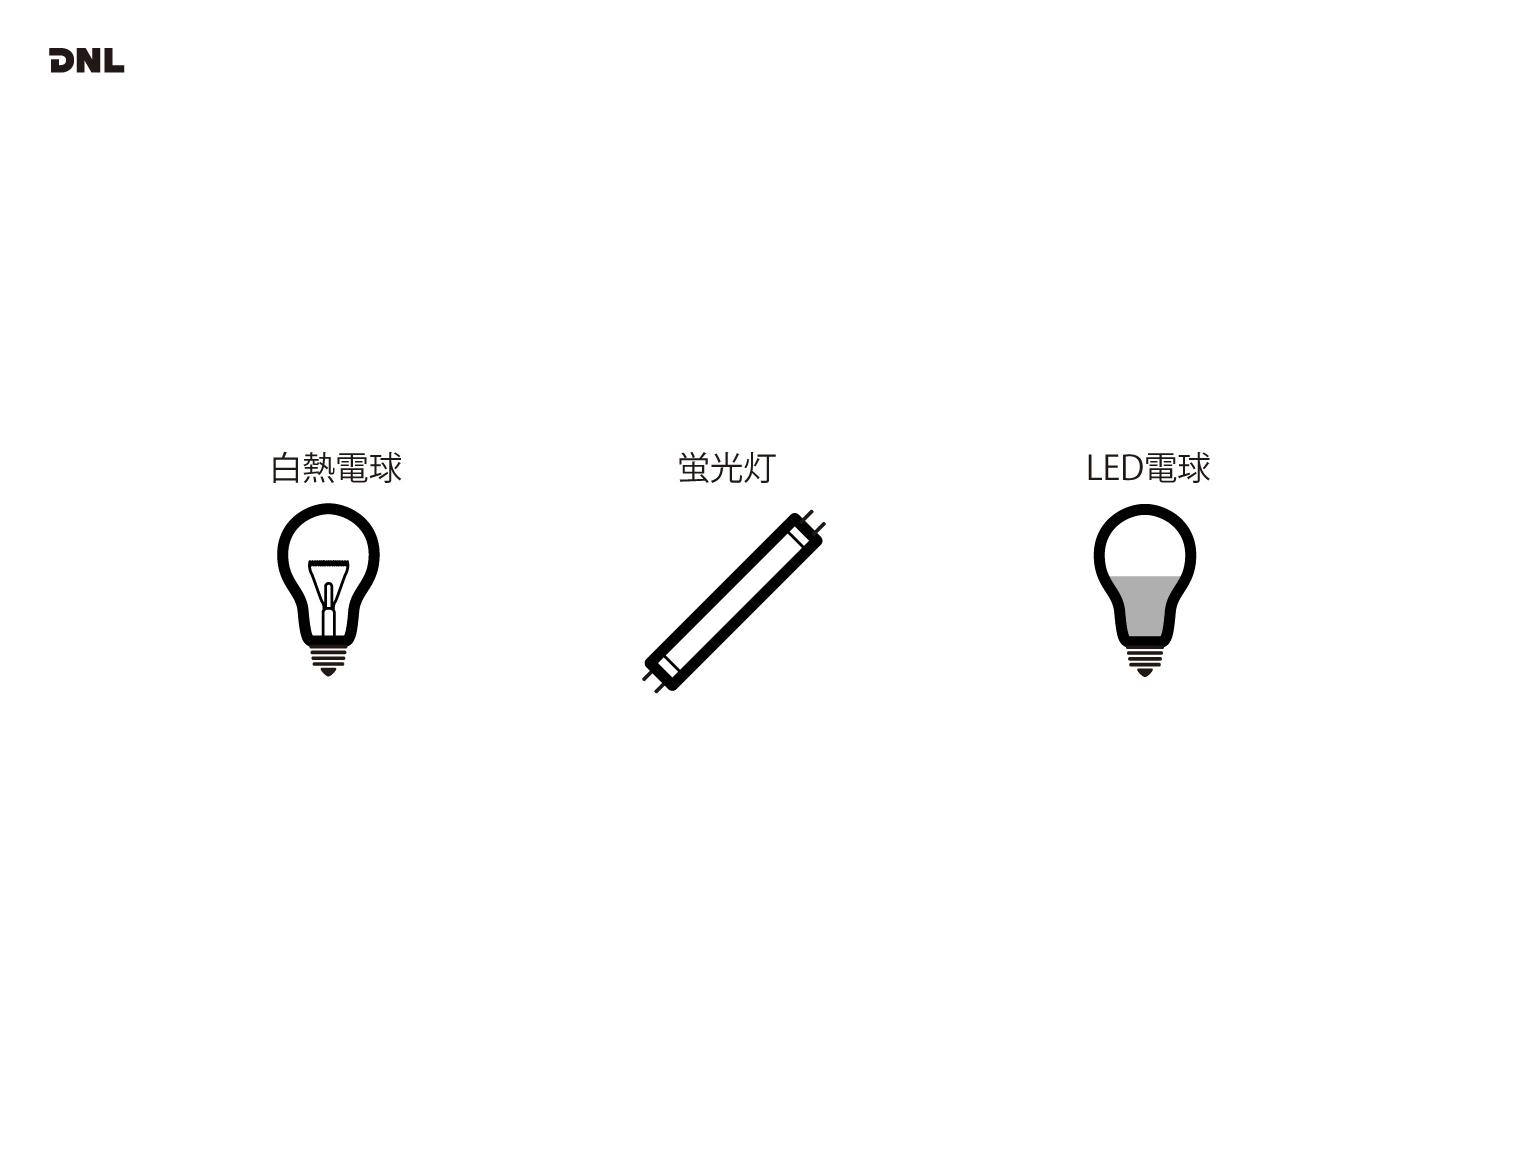 店舗にLED照明を導入するメリットとデメリットを解説